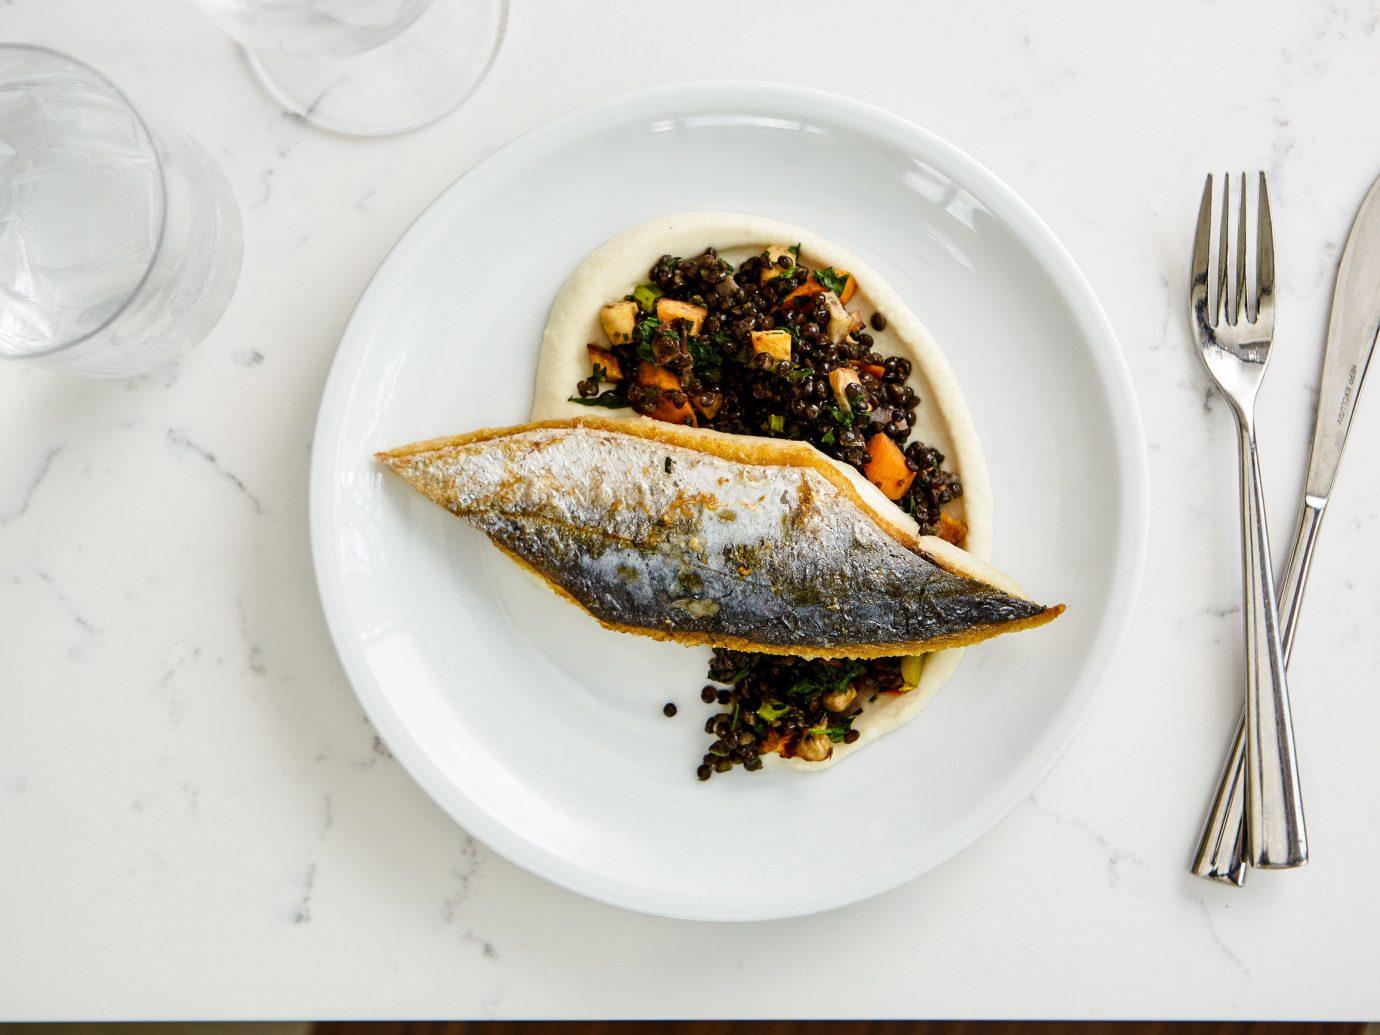 Girls Getaways Trip Ideas Weekend Getaways plate dish food tableware dishware recipe cuisine meal vegetarian food platter